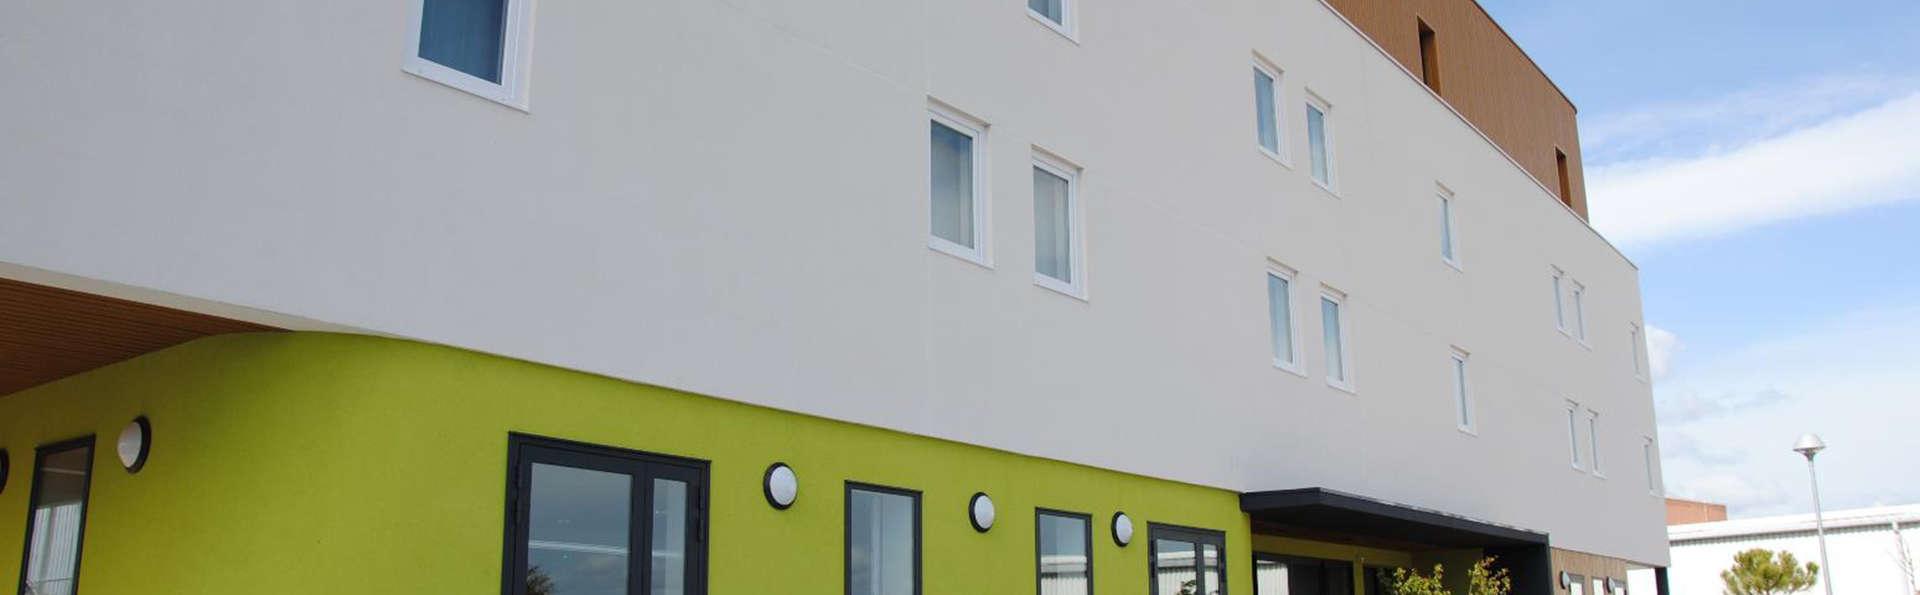 Brit Hôtel Vendée Mer - EDIT_front3.jpg